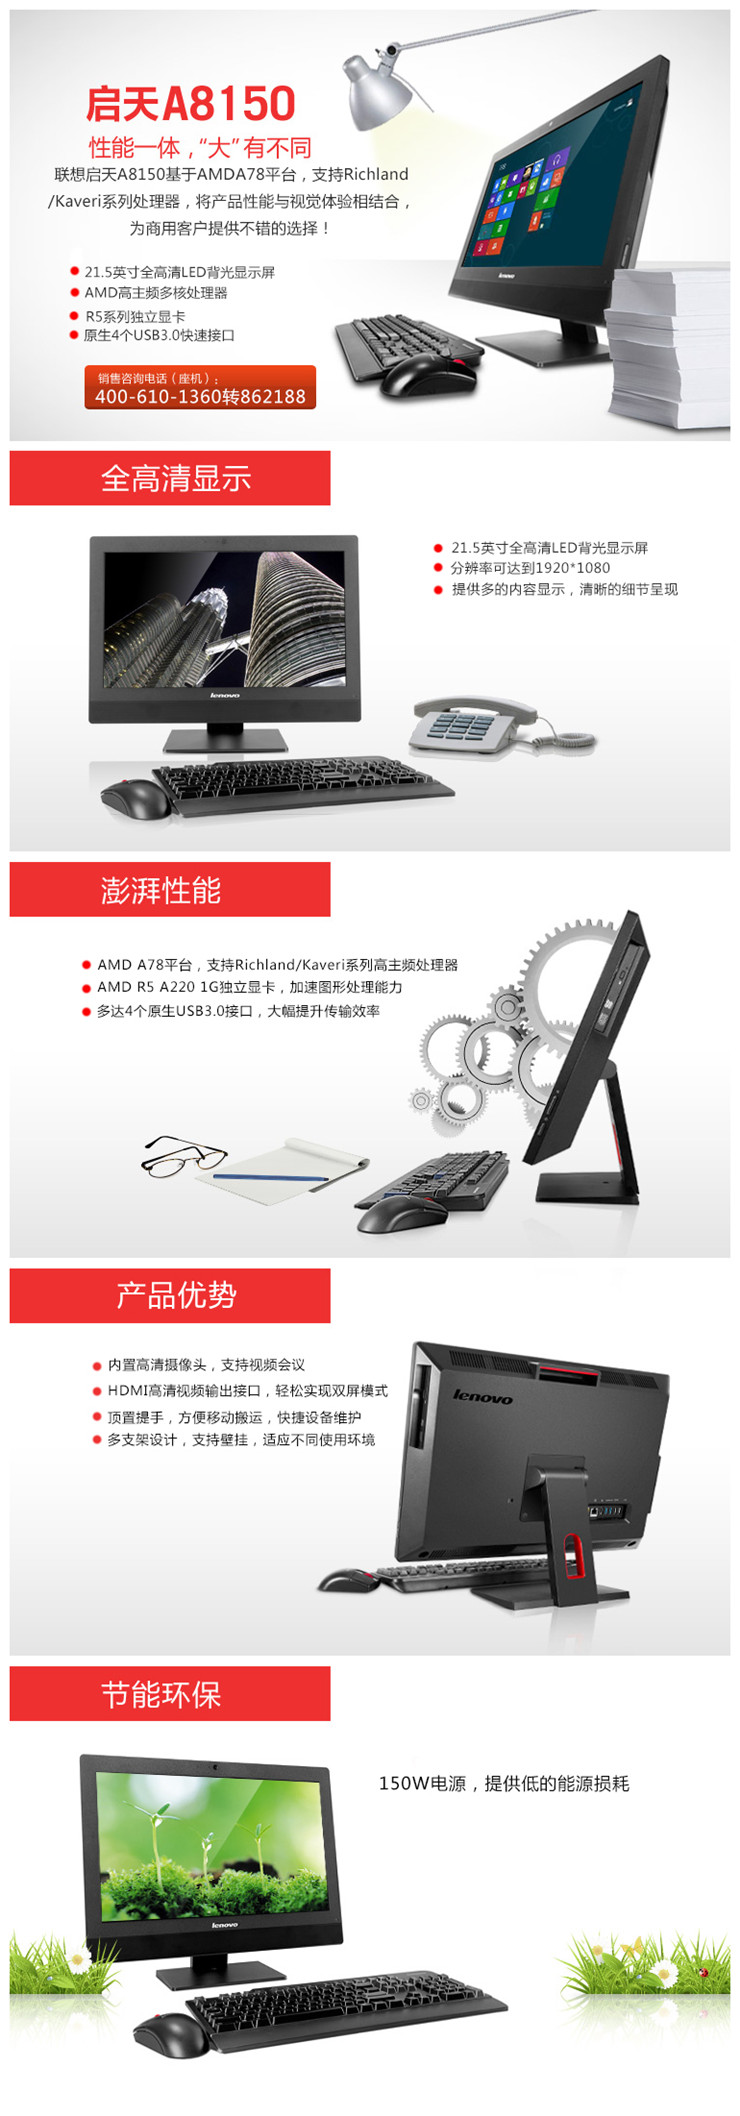 Lenovo/联想 启天A8150一体机西安促销